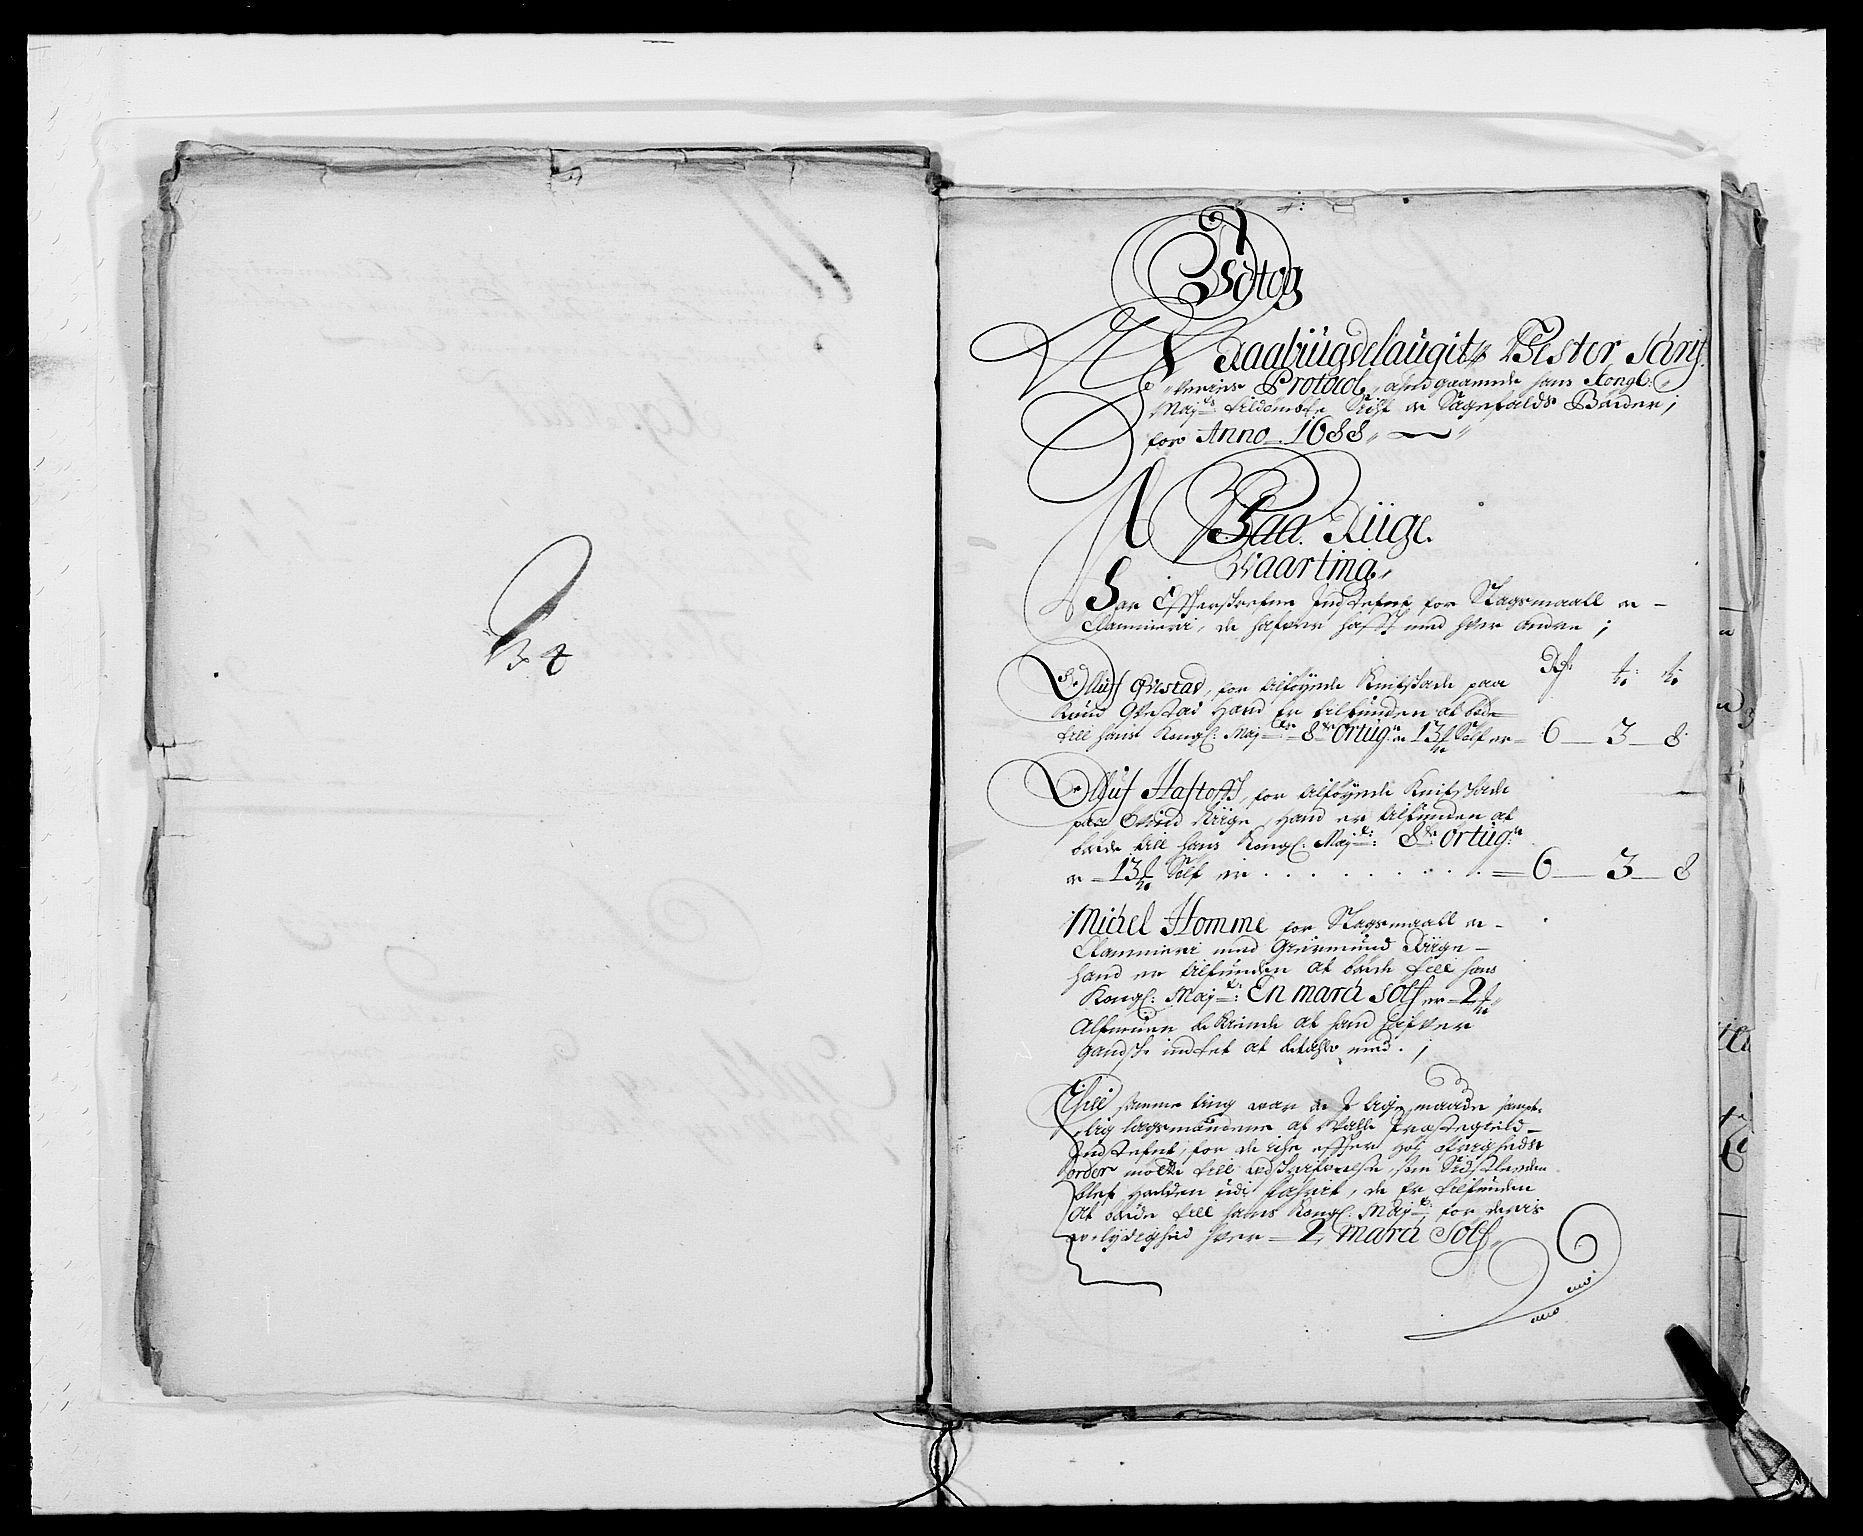 RA, Rentekammeret inntil 1814, Reviderte regnskaper, Fogderegnskap, R40/L2441: Fogderegnskap Råbyggelag, 1688, s. 86